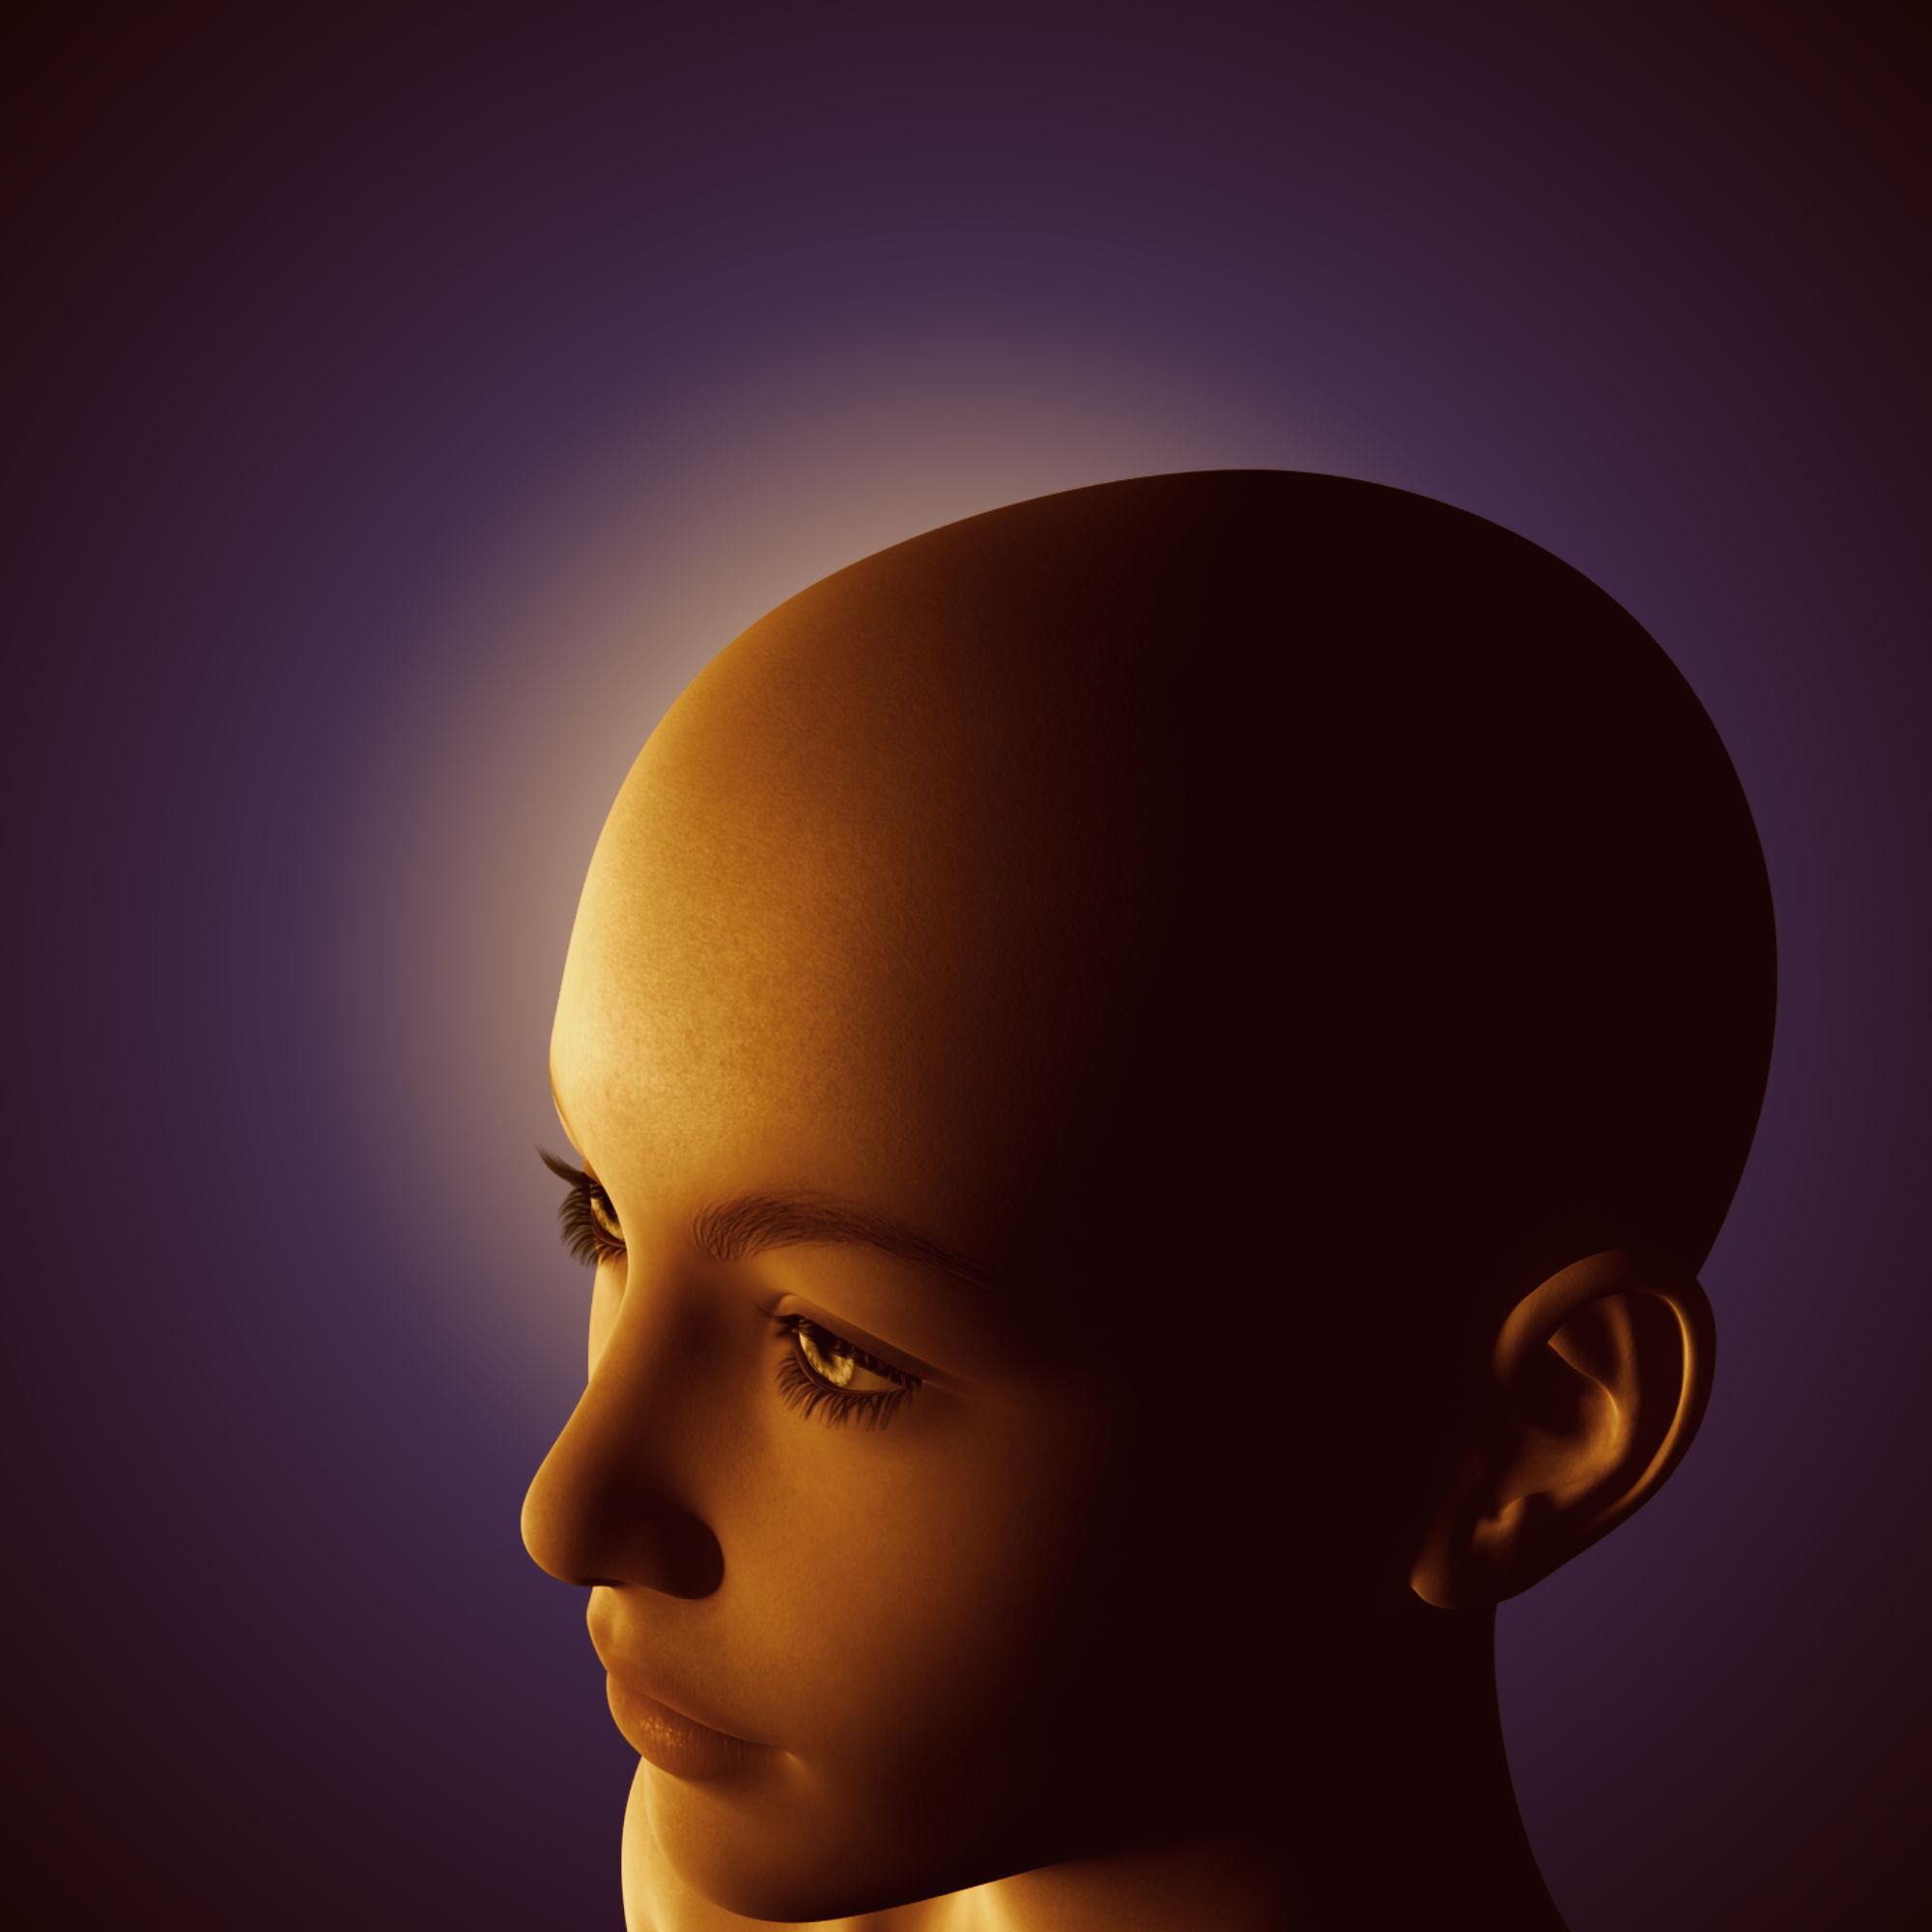 3D Girl Portrait, 3drender, Atmosphere, Atmospheric, Girl, HQ Photo